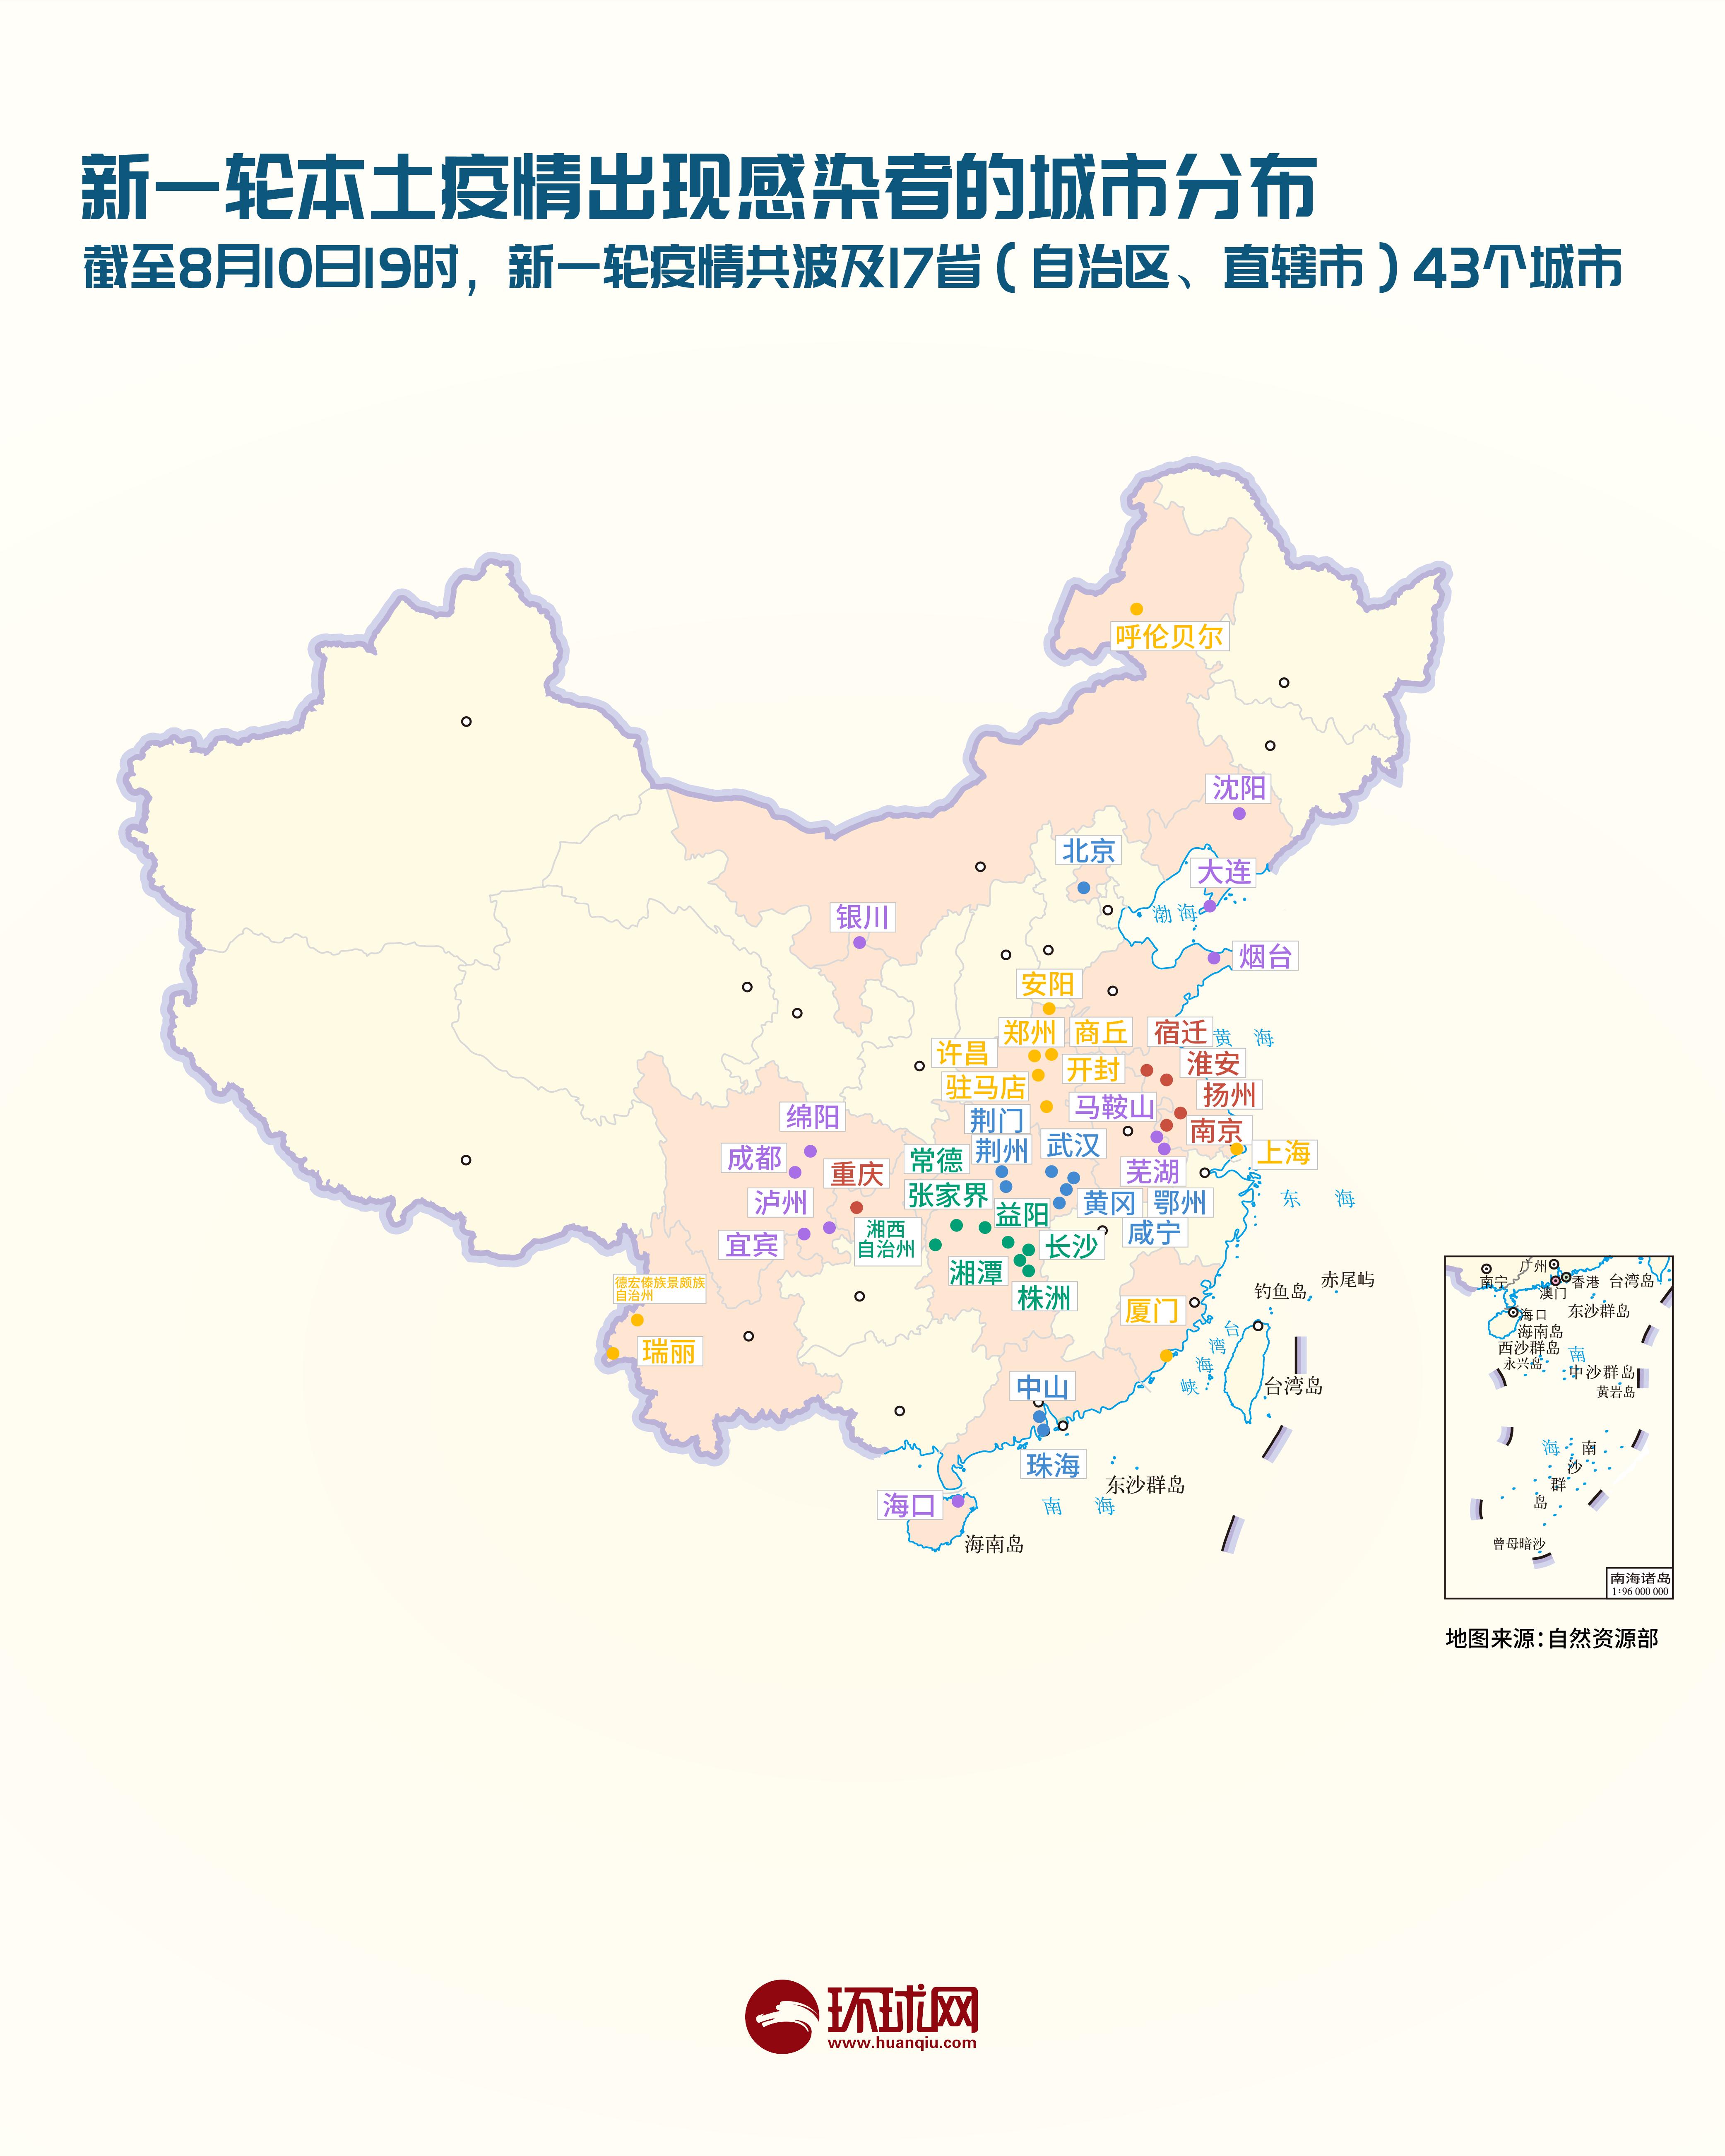 """疫情晚报 全国新增5个高风险地区,高中风险升至""""20+207"""",扬州连续8日新增确诊数超30例"""